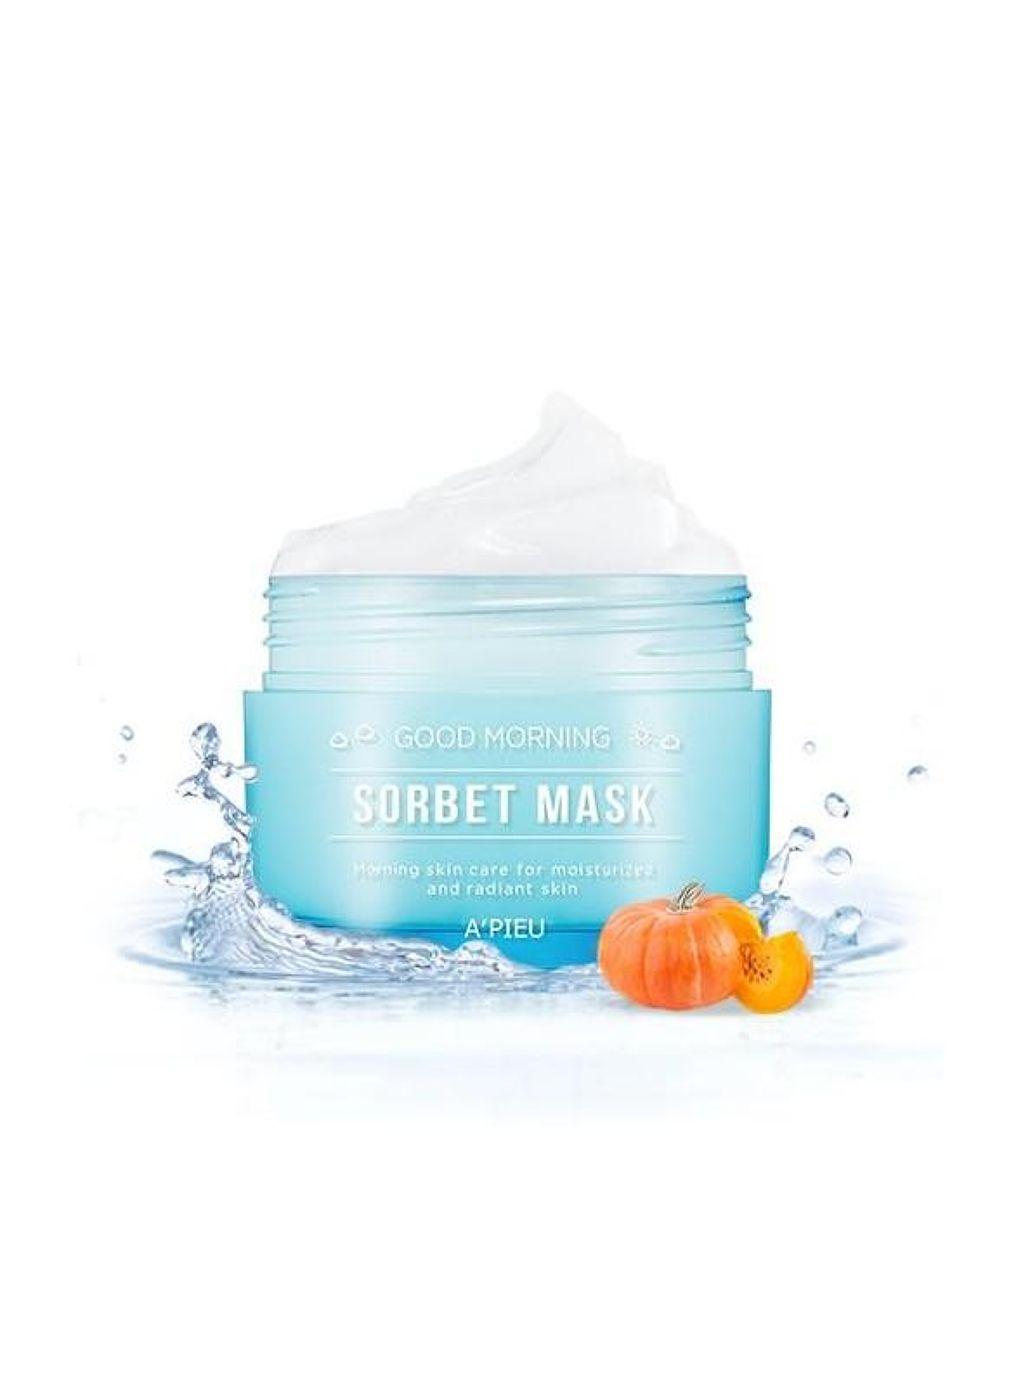 A'Pieu Good Morning Sorbet Mask - ce3ab-a-pieu-good-morning-sorbet-mask-1567613371.jpg